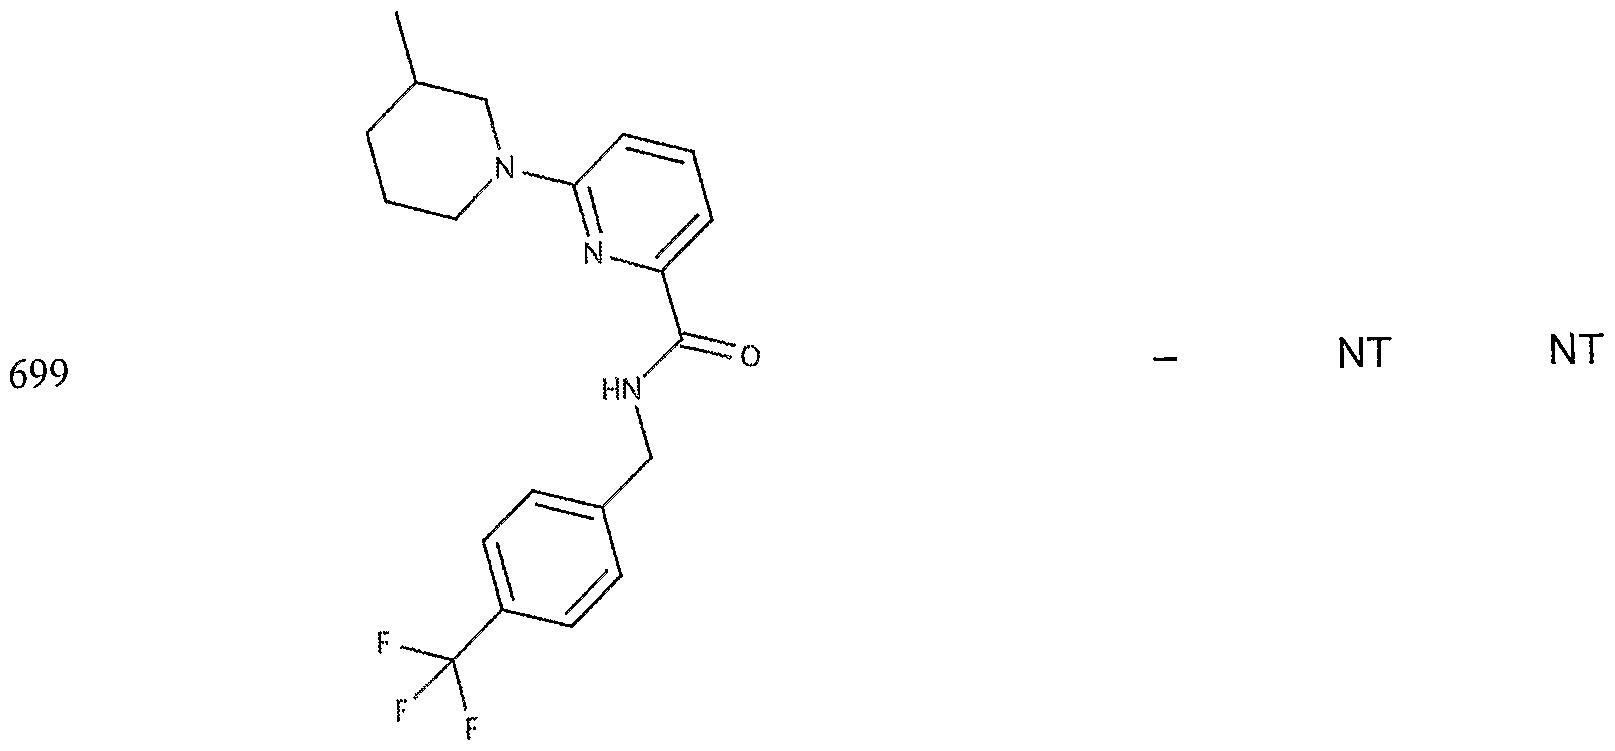 Figure imgf000263_0003